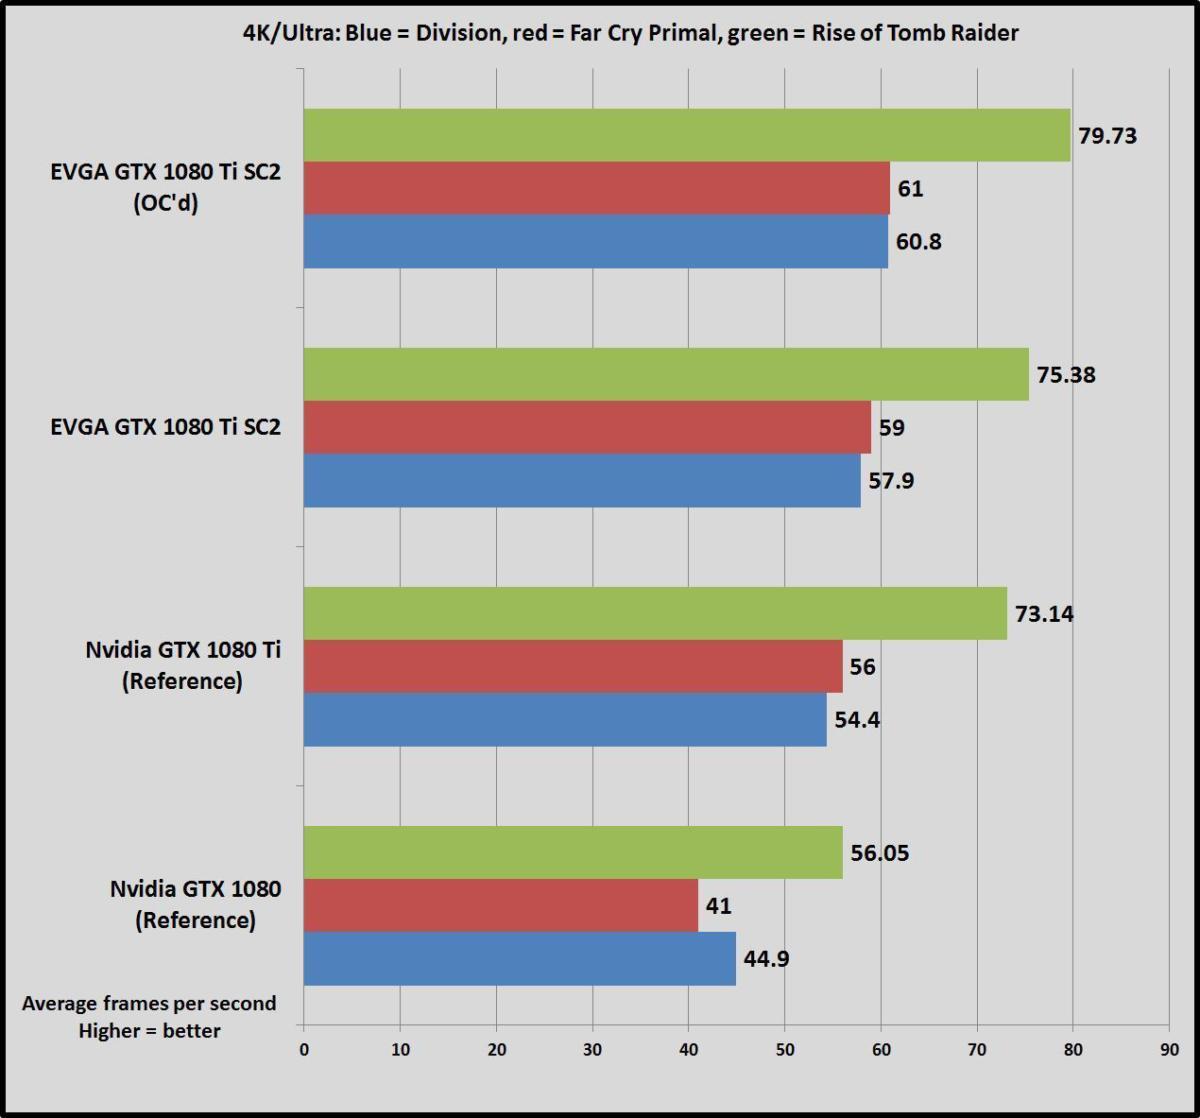 EVGA GTX 1080 Ti SC2 review: A ferocious graphics card with a